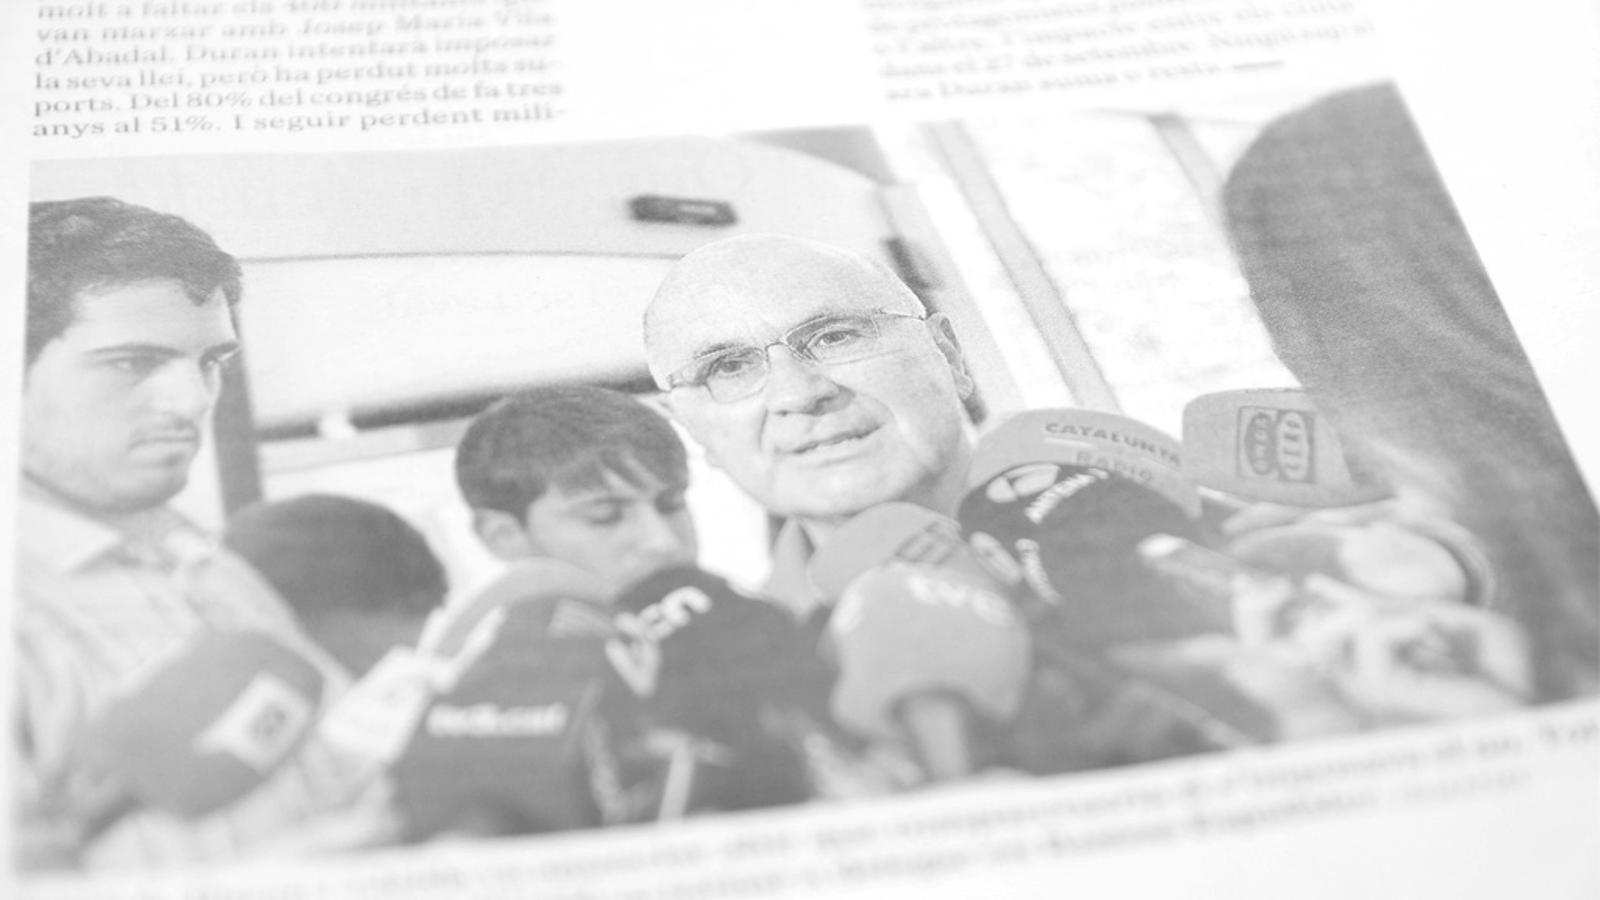 L'editorial d'Antoni Bassas: Una pregunta per a Duran (15/06/2015)